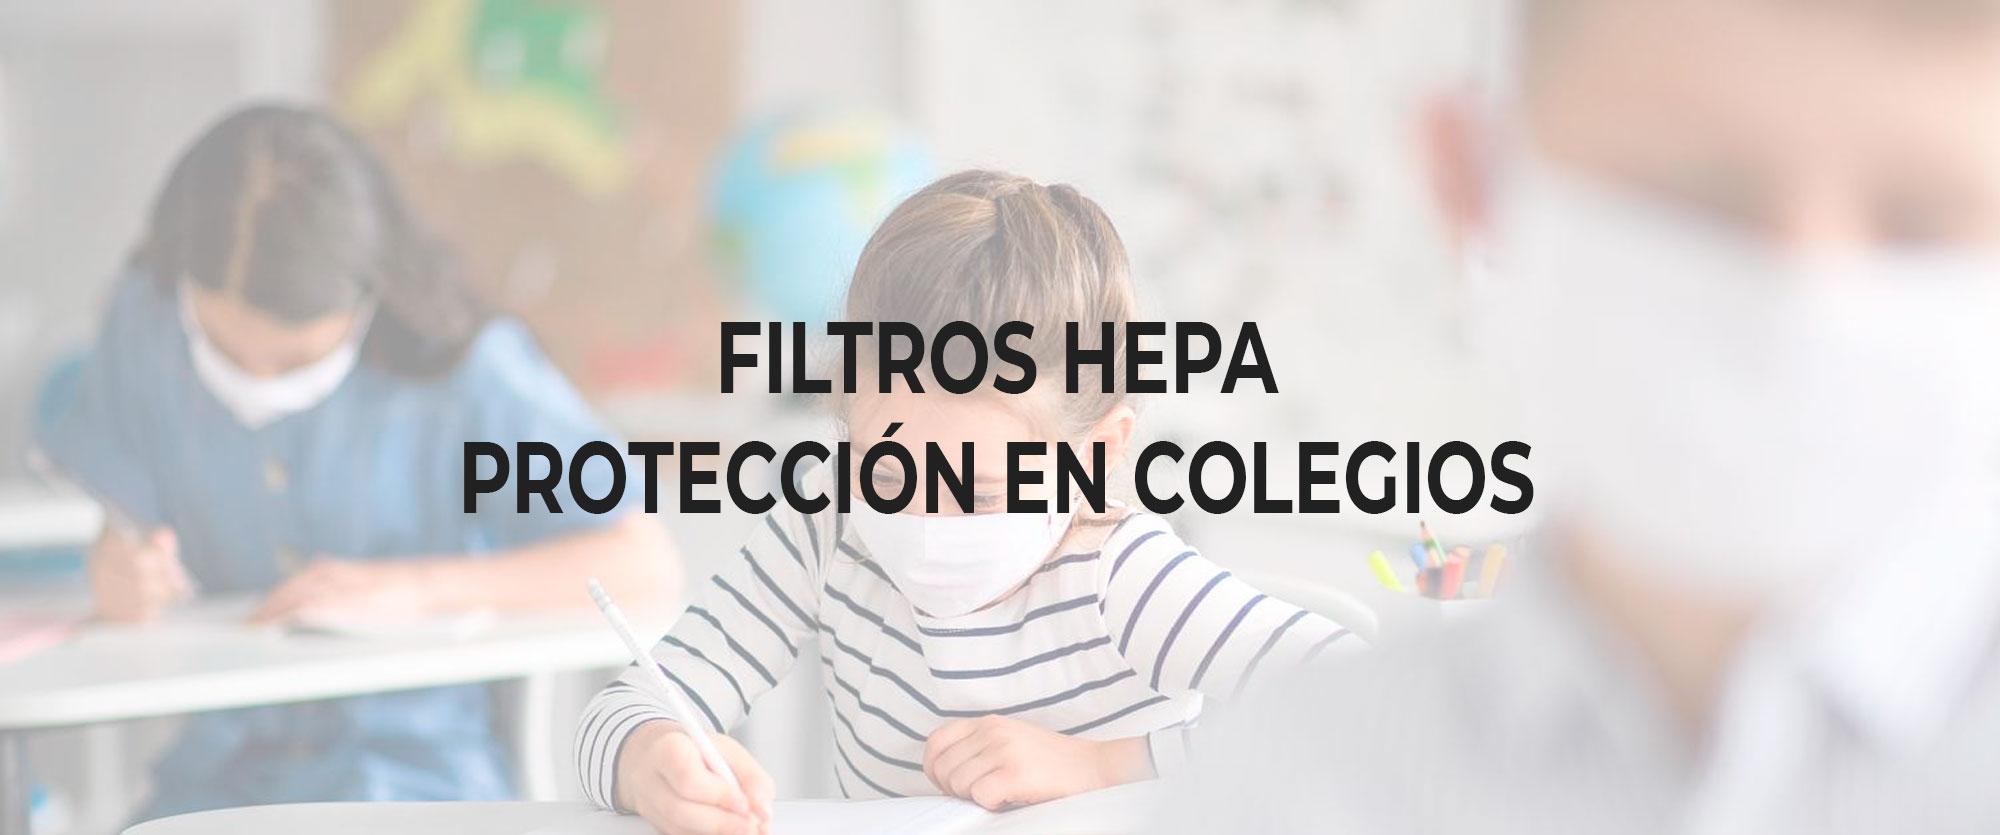 Qué son los filtros HEPA y para que sirven los filtros HEPA, sus búsquedas se han incrementado por el programa especial de Cuarto Milenio 'Informe Covid'